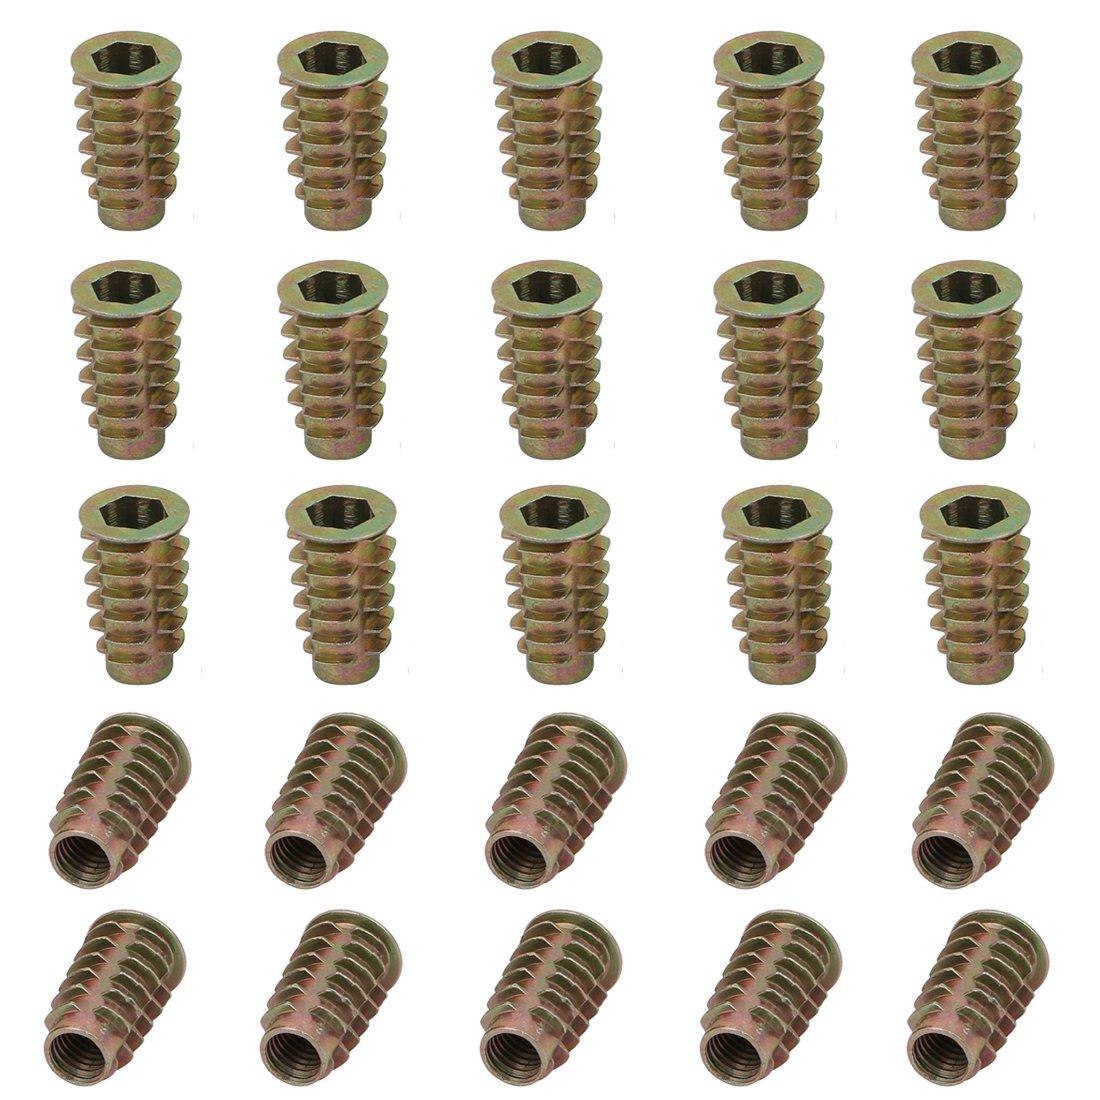 ZXHAO M8x25mm//0.31 x 0.98 inch Zinc Alloy Wood Furniture Hex Socket Head Threaded Insert Nut 25pcs